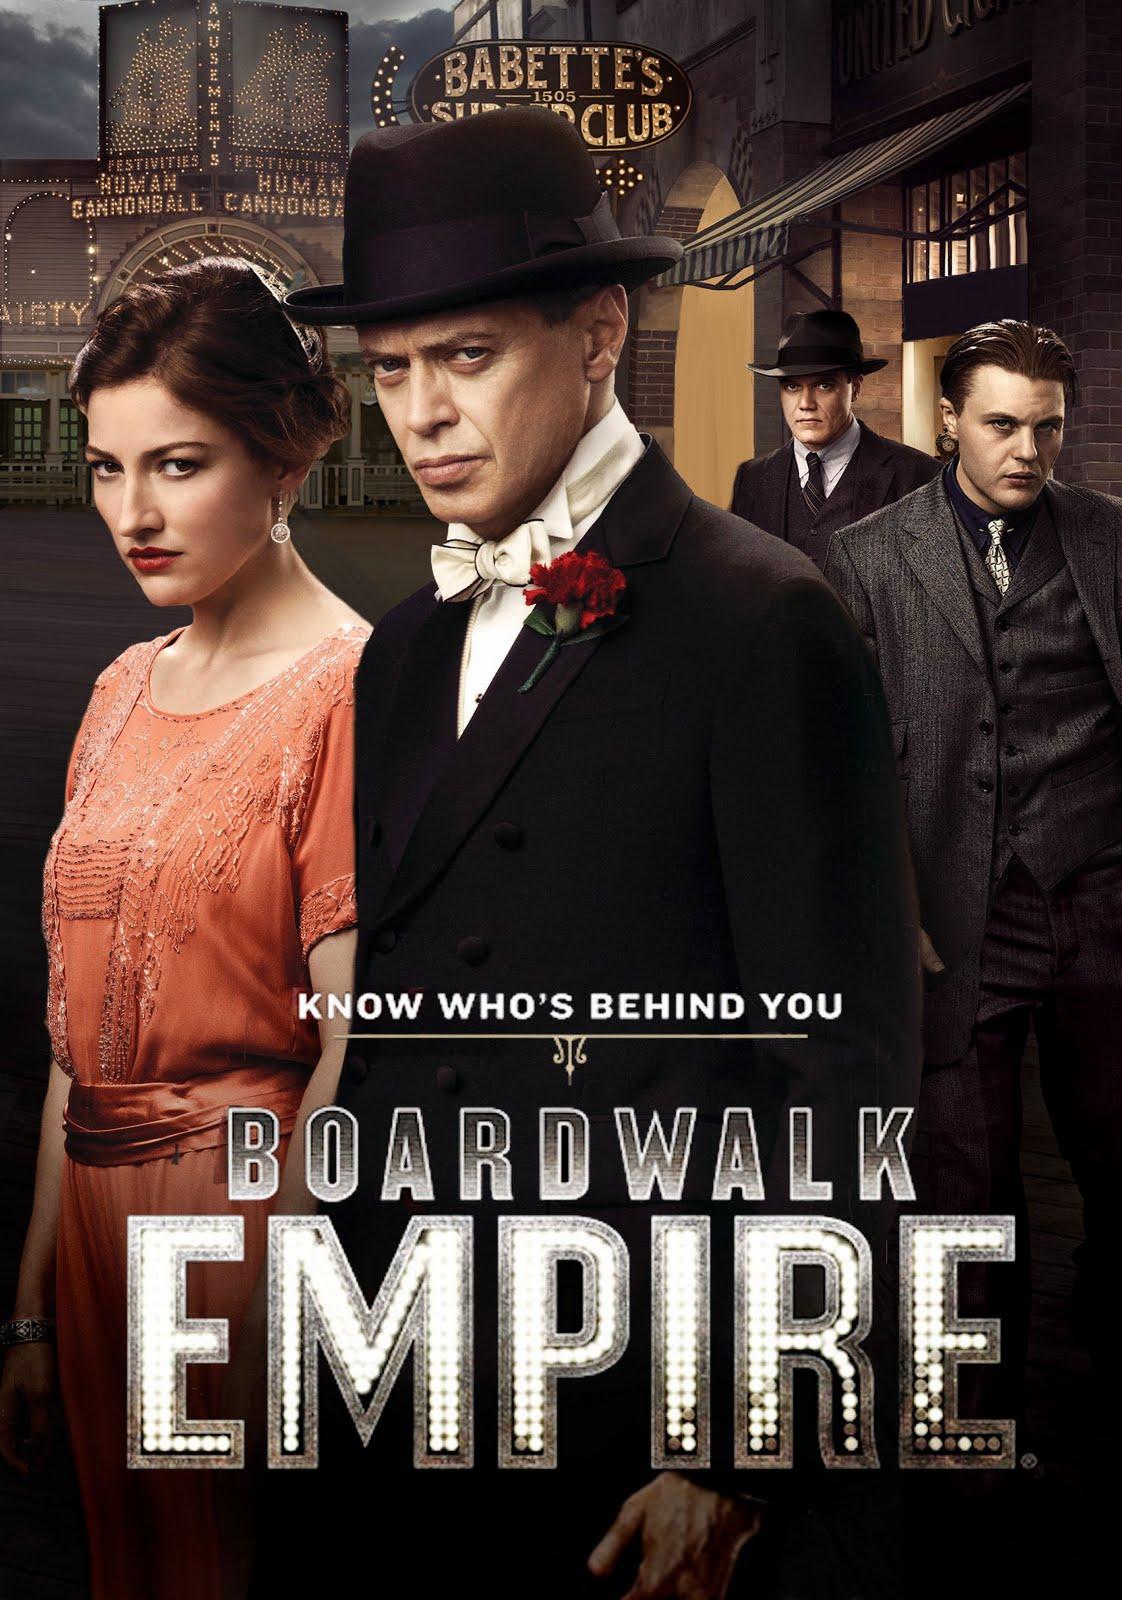 Boardwalk Empire Kritik